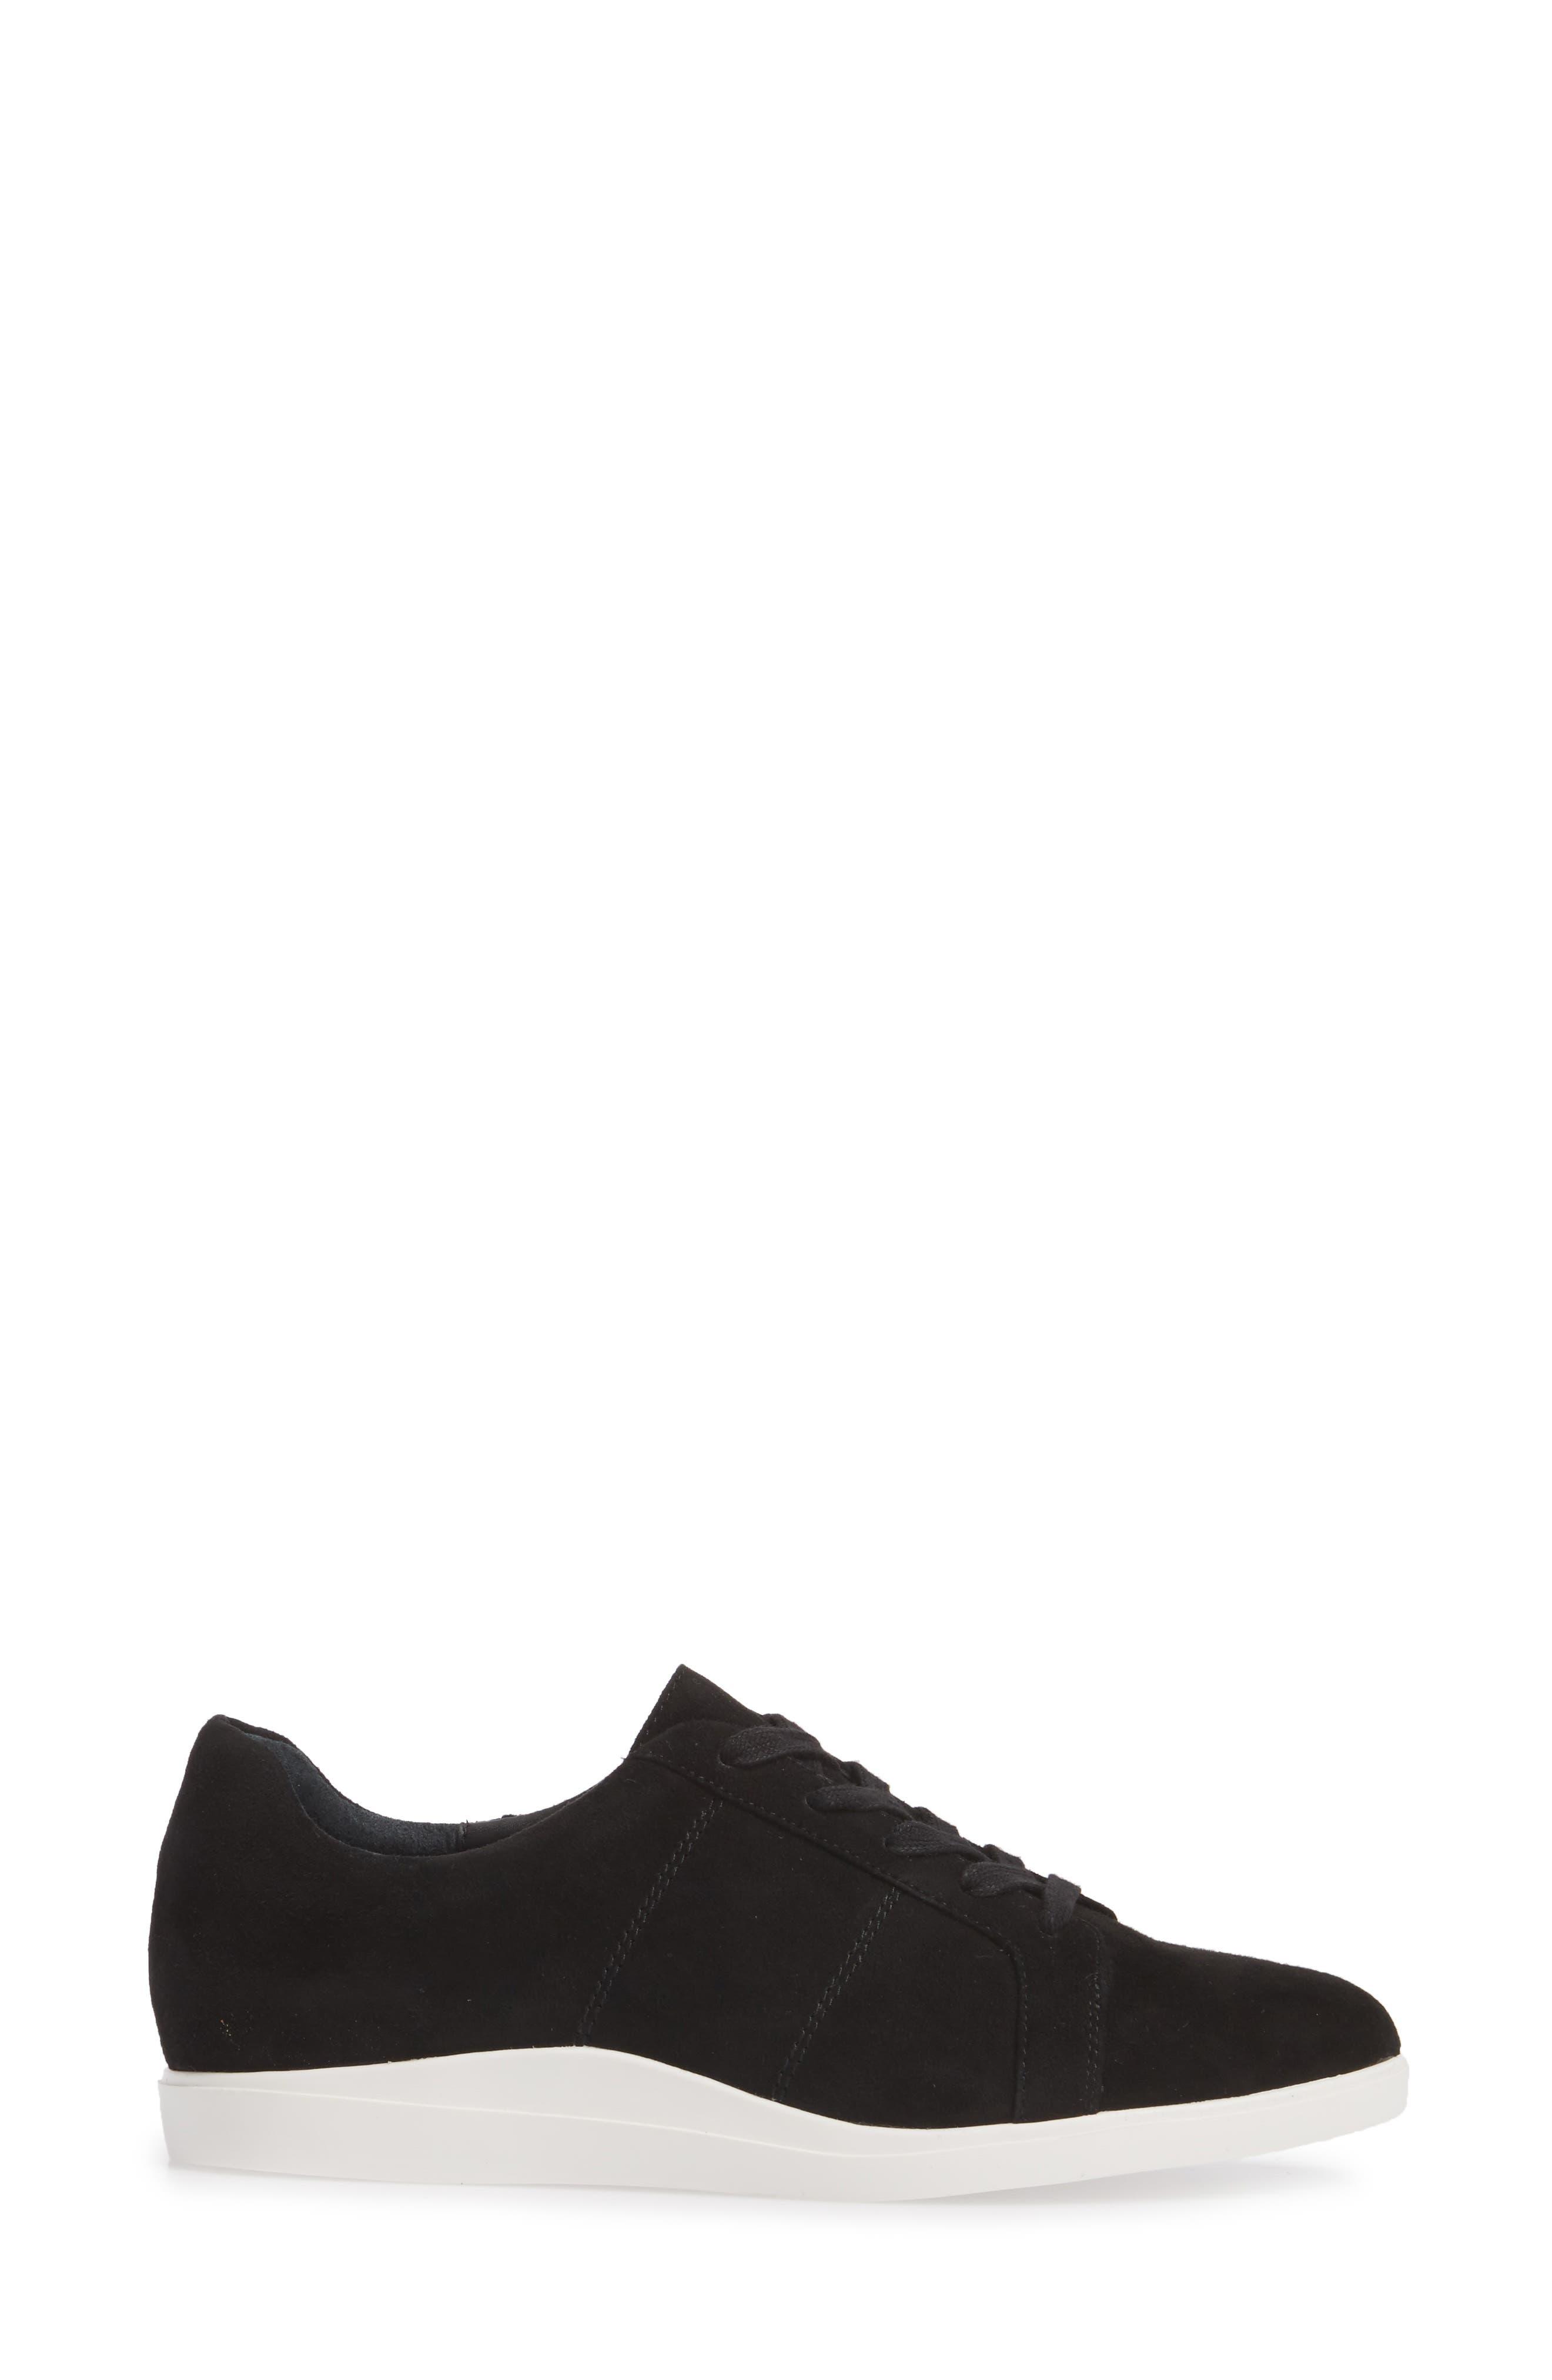 Sharleen Sneaker,                             Alternate thumbnail 3, color,                             001